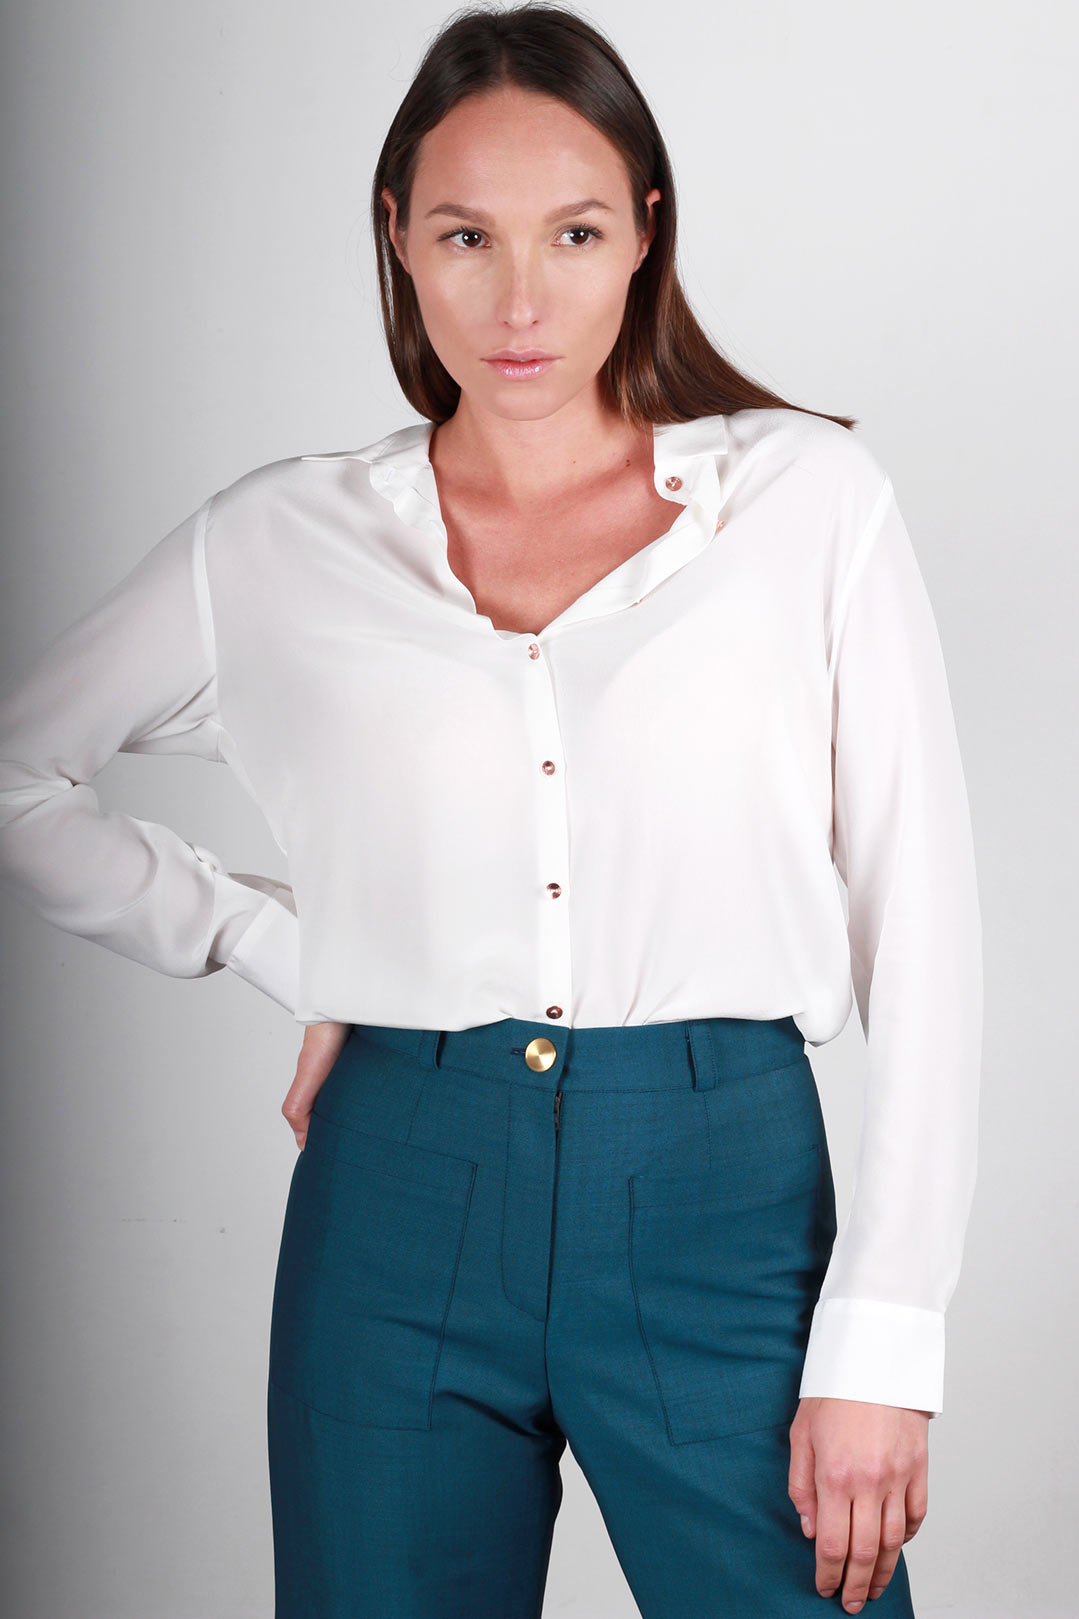 Chemisier femme chic en soie blanche Géraldine | ATODE